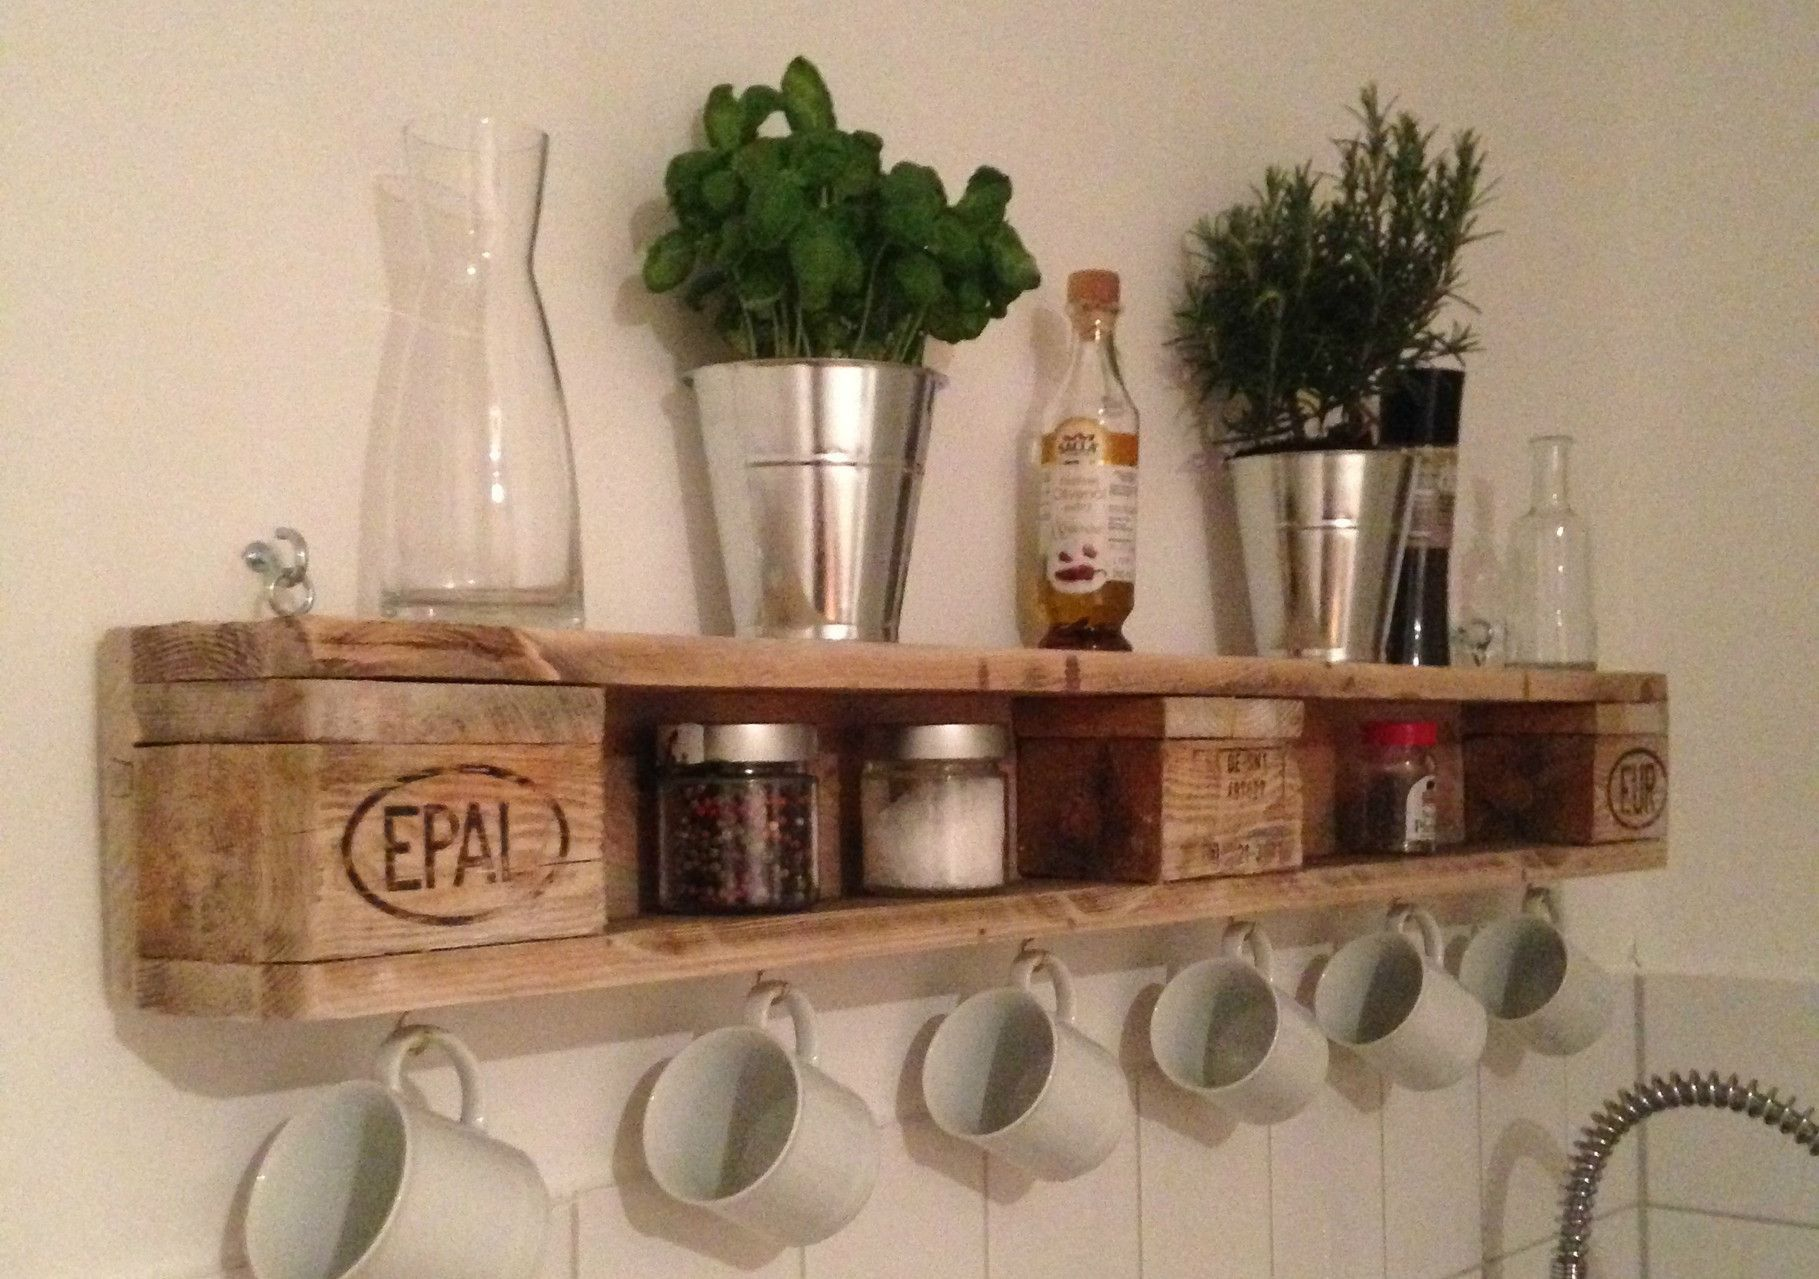 20 Ideen Für Diy Europalette – Beste Wohnkultur, Bastelideen, Coloring und Frisur-Inspiration